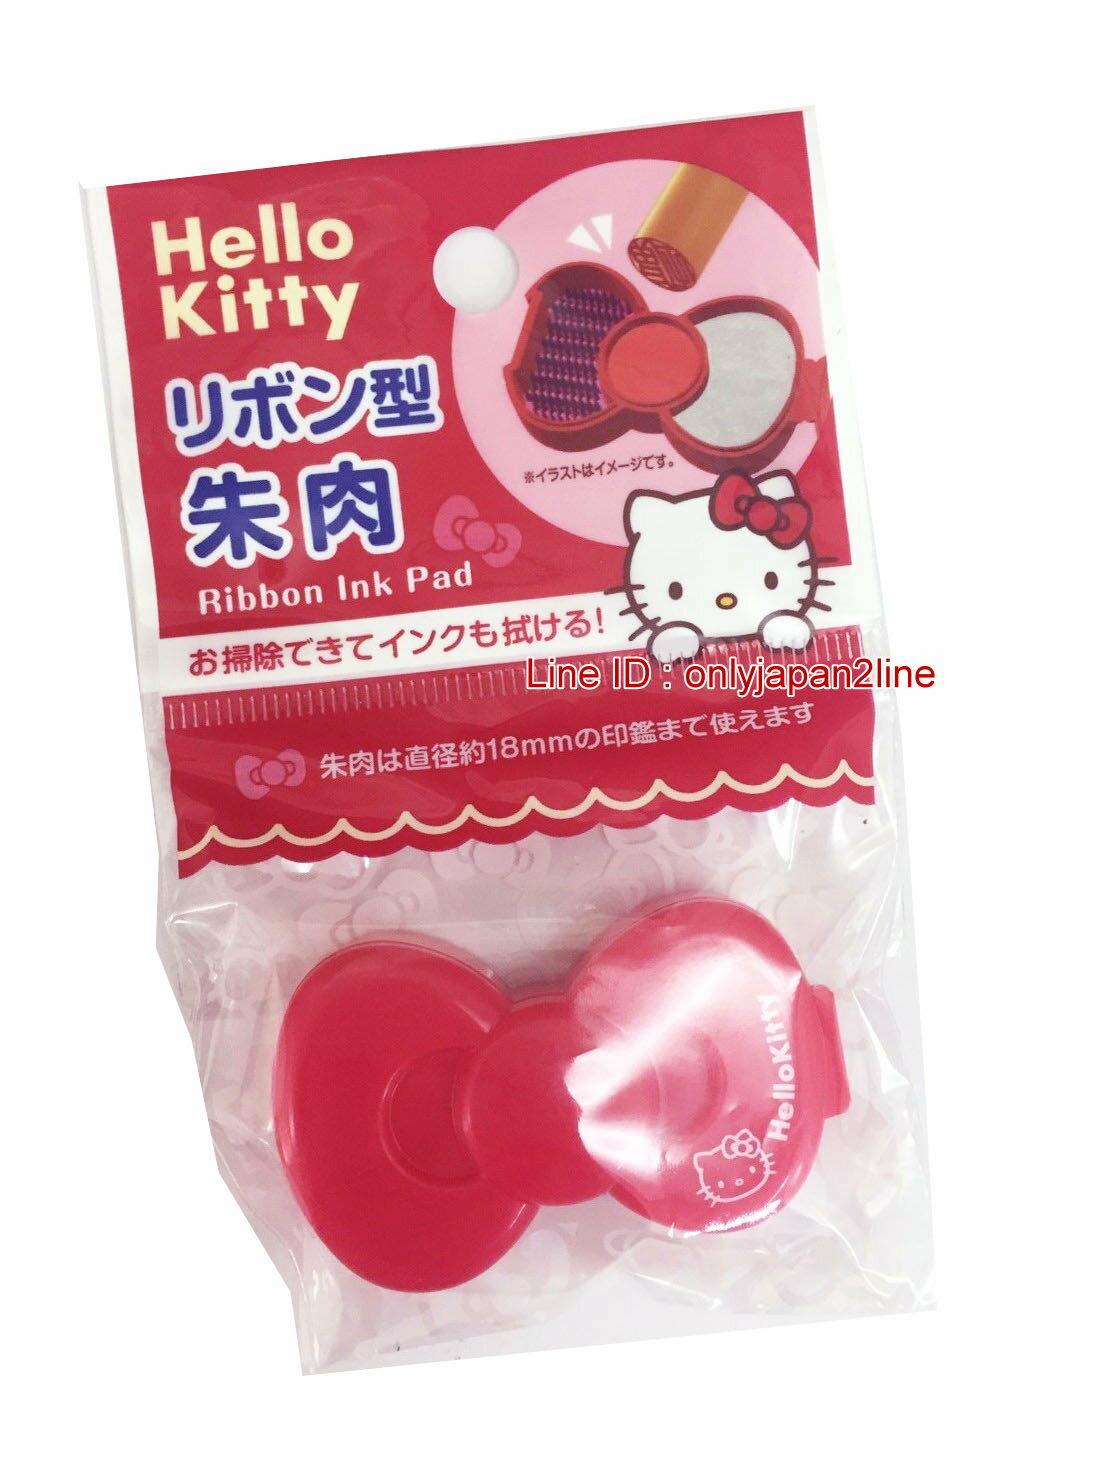 【真愛日本】16121200004印泥盒附清潔刷-KT紅蝴蝶結 三麗鷗 Hello Kitty 凱蒂貓 日本限定 精品百貨 日本帶回